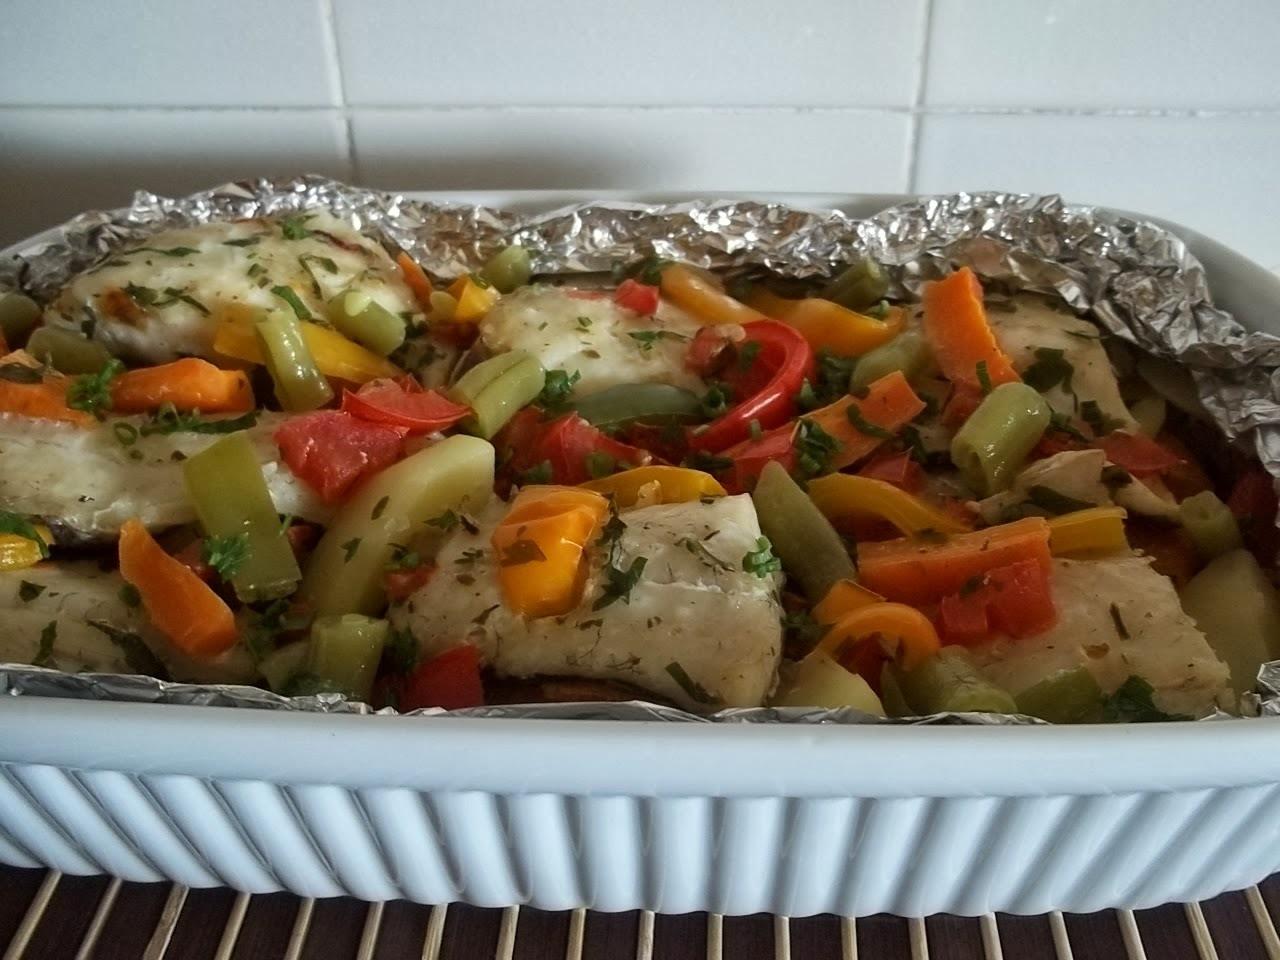 Peixe com legumes ao forno